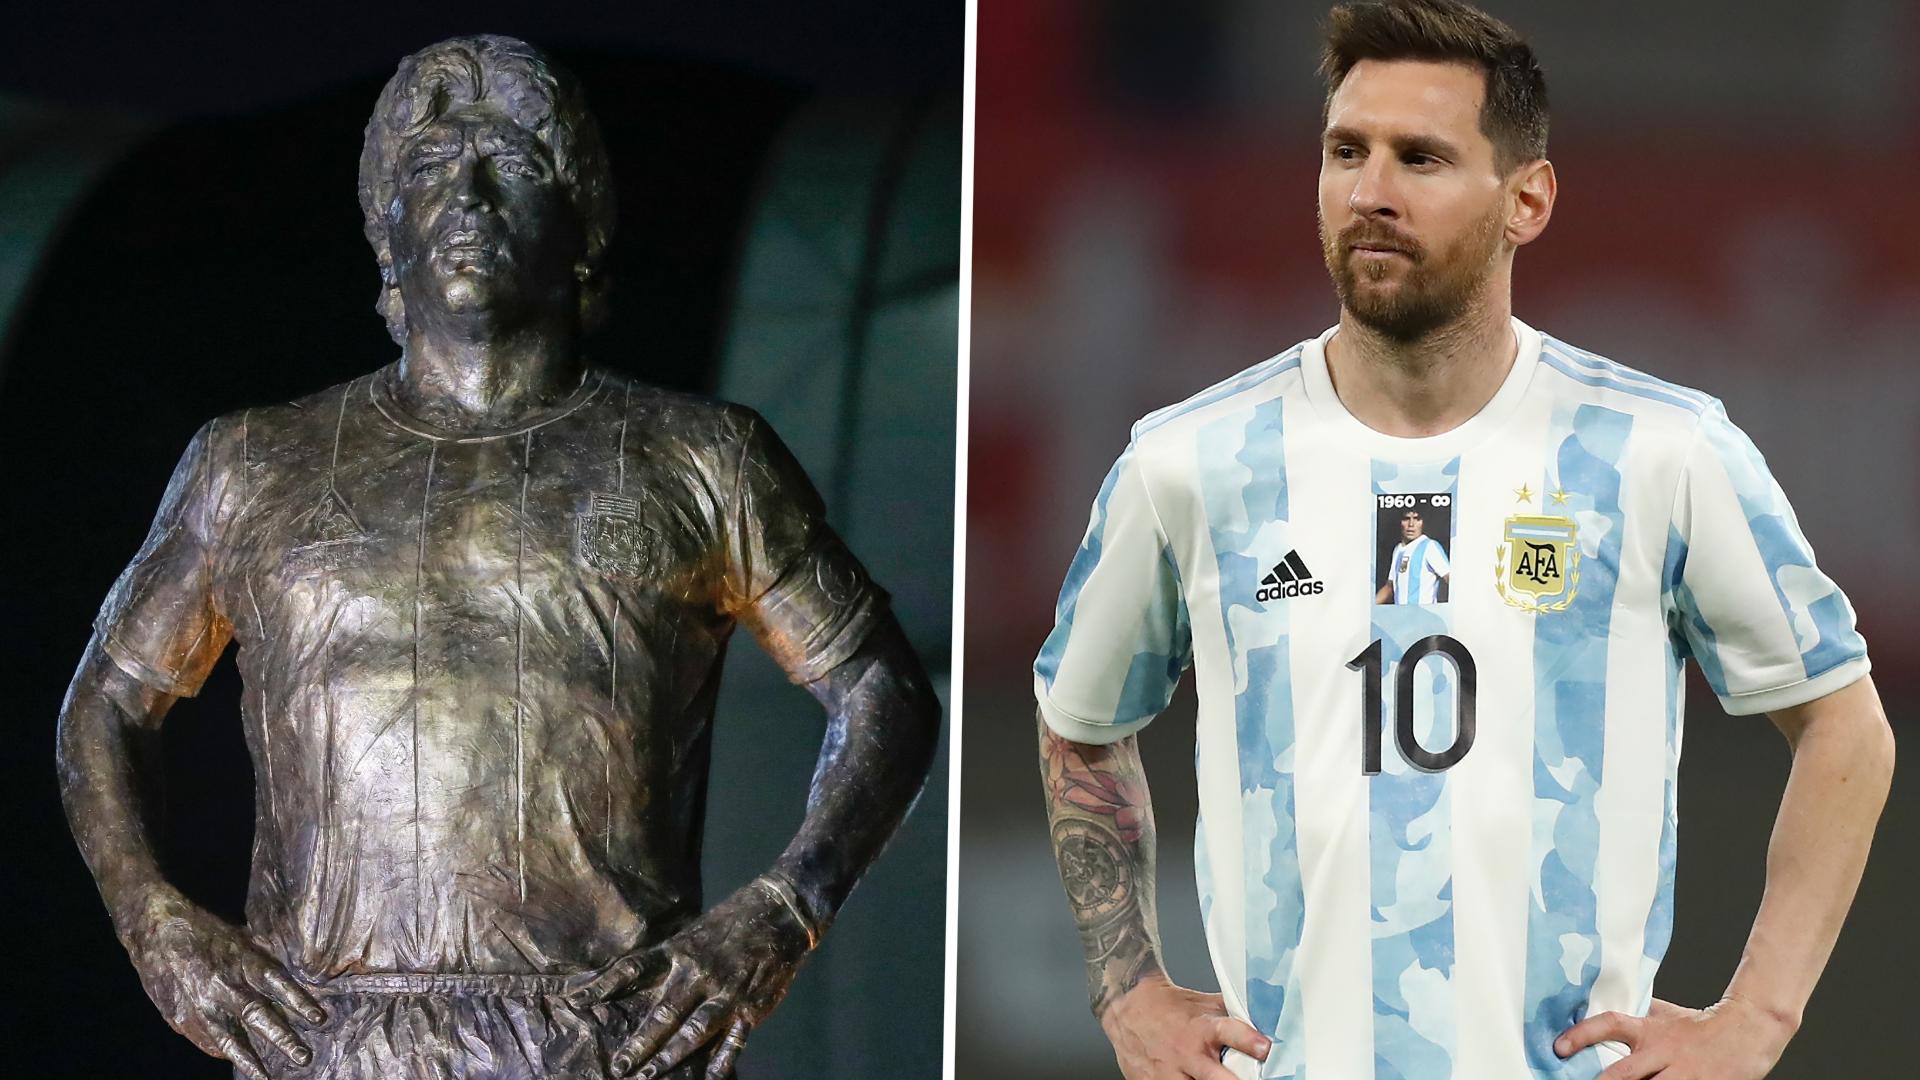 Lionel Messi five goals short of Diego Maradona's free-kick record